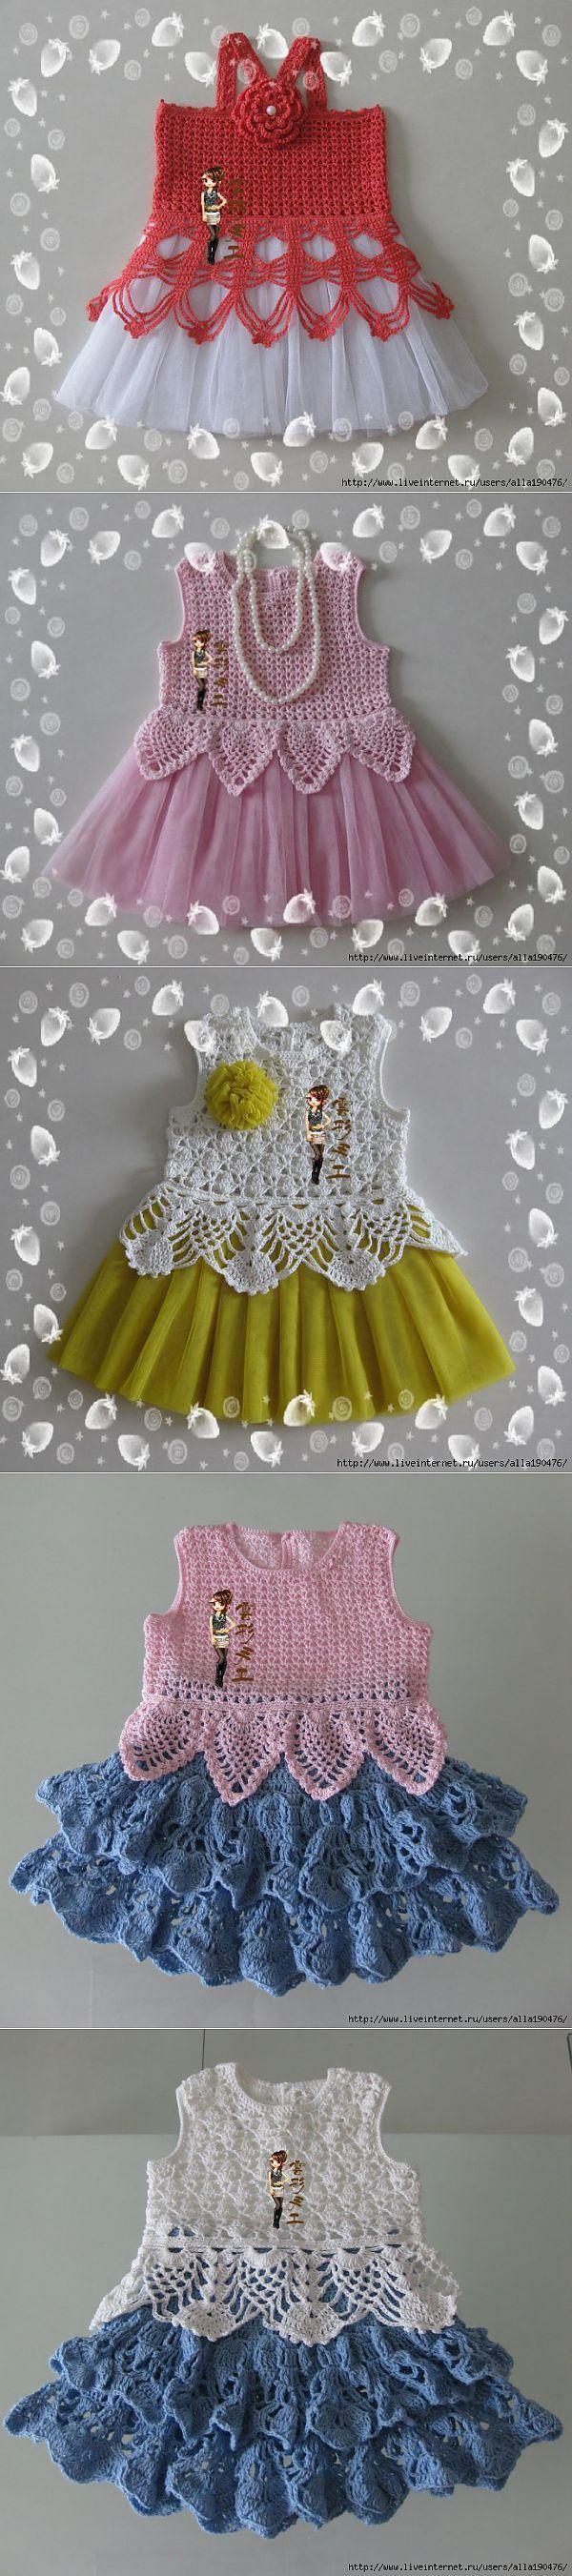 Для маленьких леди. | Вязание крючком | Постила [] #<br/> # #Diy #Crochet,<br/> # #Crochet #Baby,<br/> # #Crochet #Ideas,<br/> # #Crochet #Fashion,<br/> # #Crochet #Dresses,<br/> # #Crochet #Projects,<br/> # #Toddlers,<br/> # #Tissue<br/>